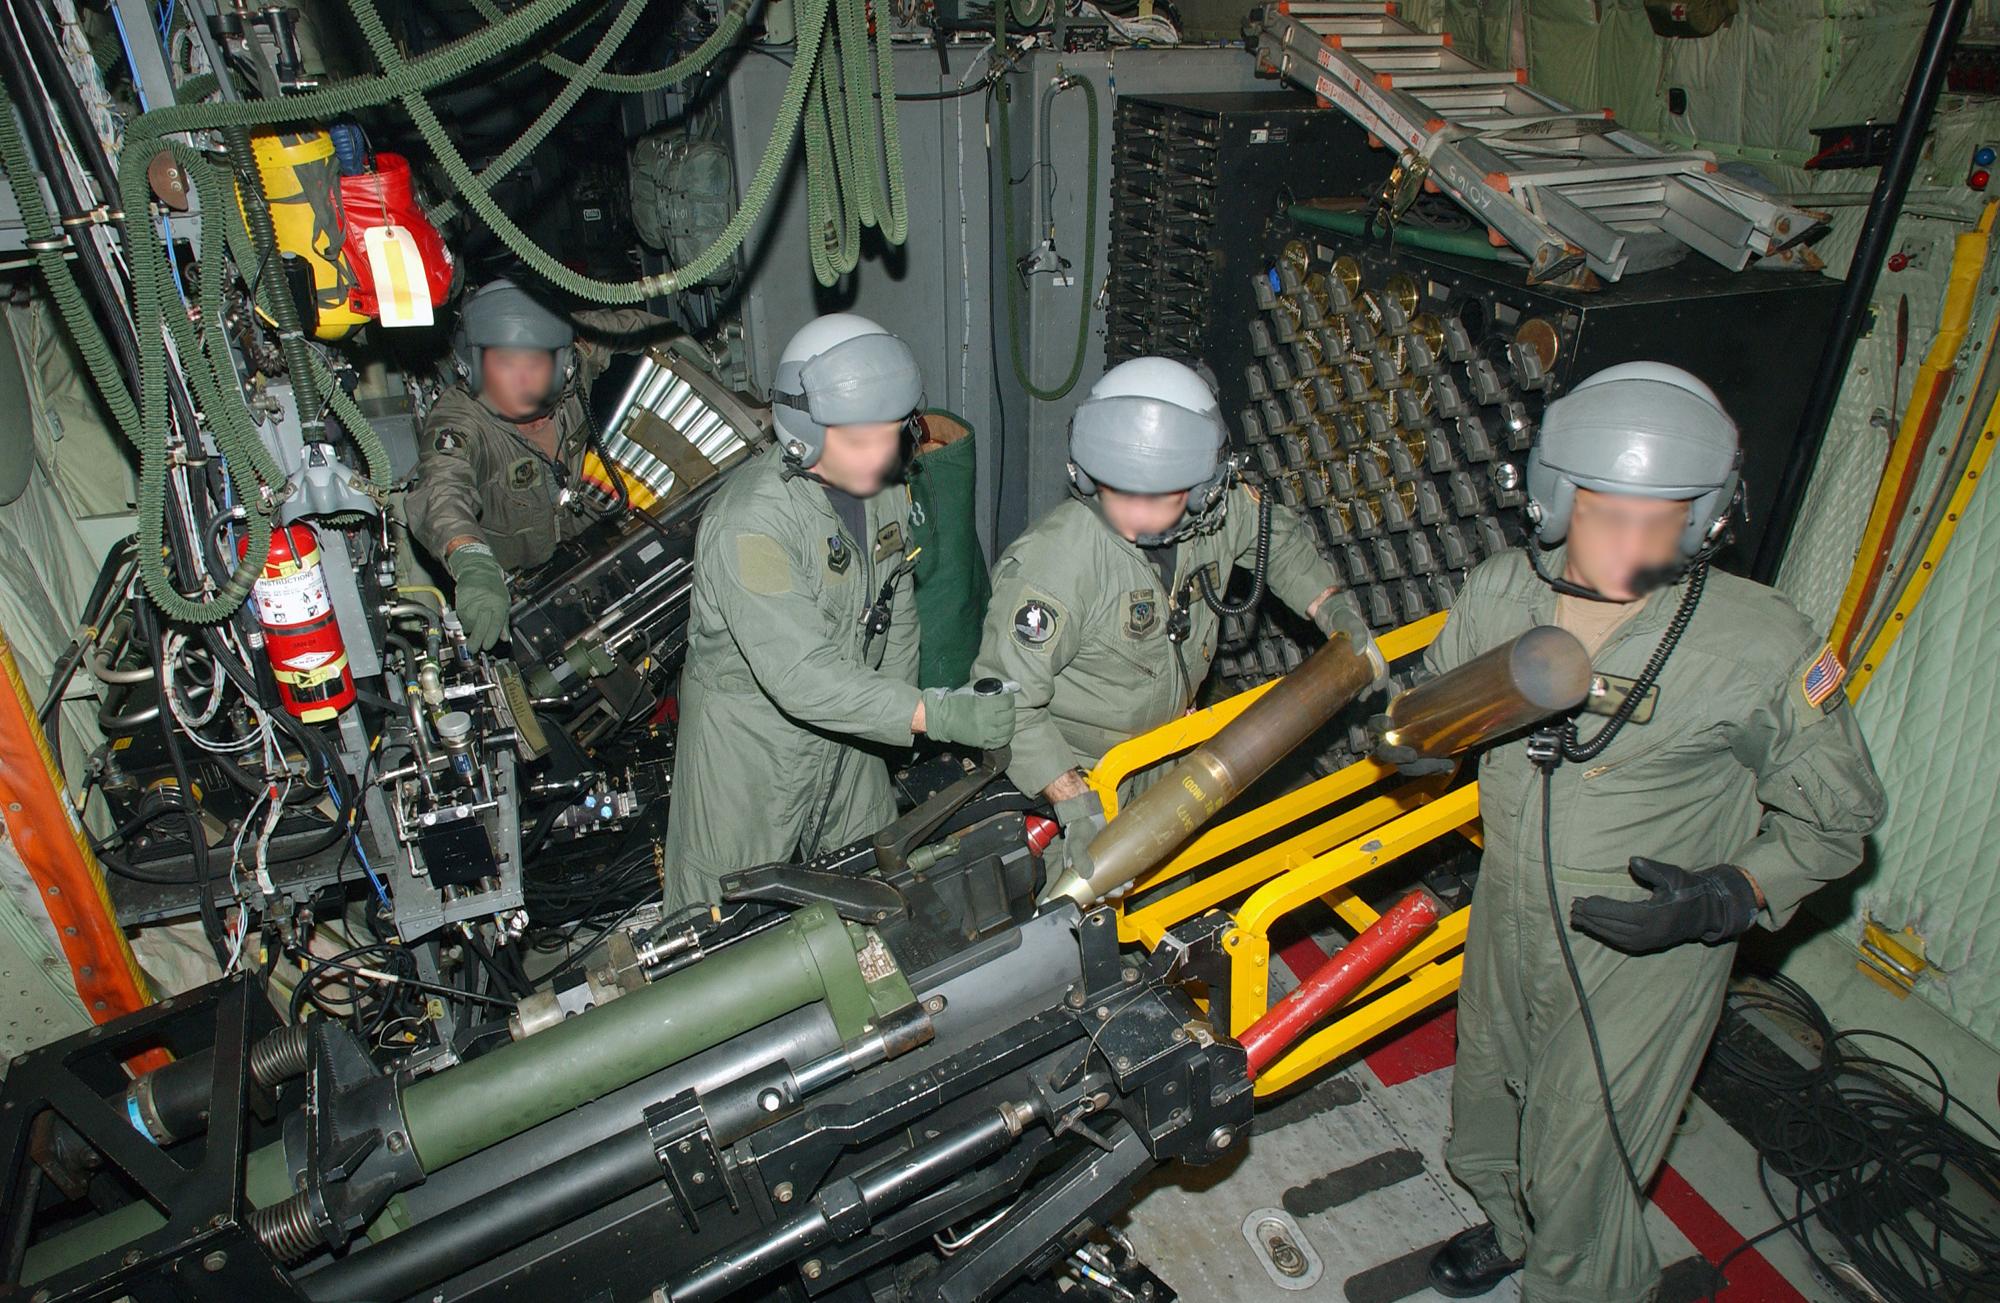 http://upload.wikimedia.org/wikipedia/commons/a/ab/AC-130U_Aerial_Gunners.jpg